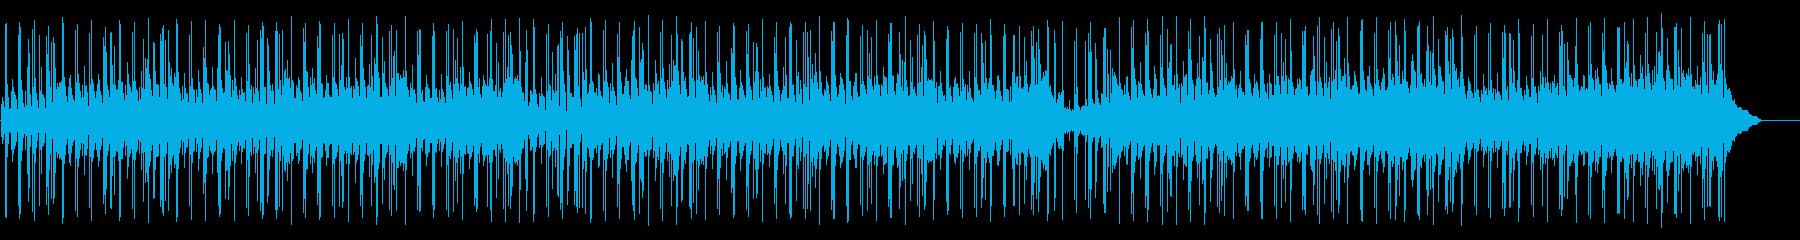 空を飛ぶ鳥のようなポップ(フルサイズ)の再生済みの波形